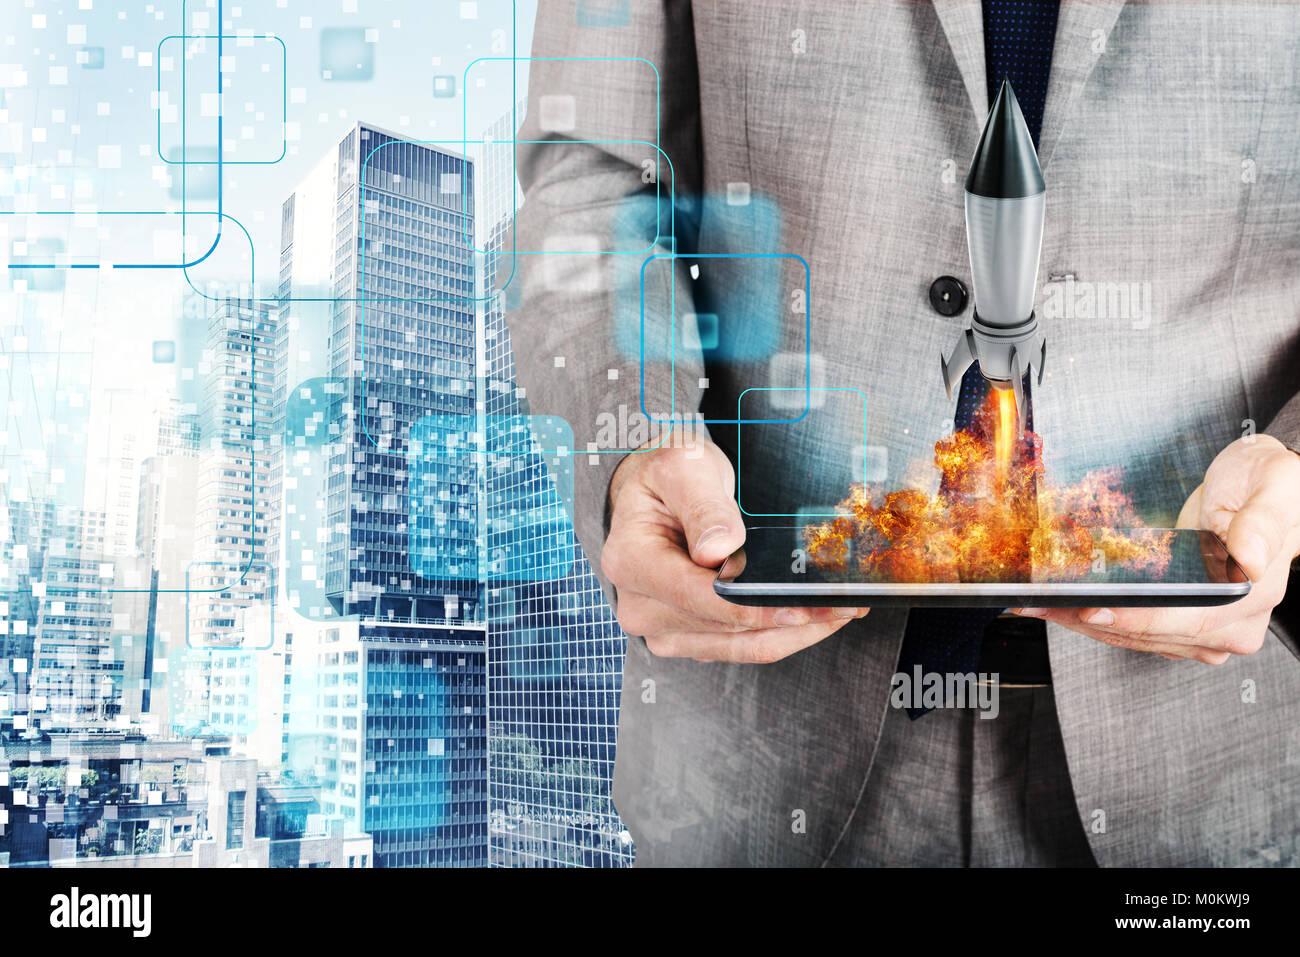 Geschäftsmann startet Rakete von einem Tablet. Konzept der Unternehmensgründung Stockbild